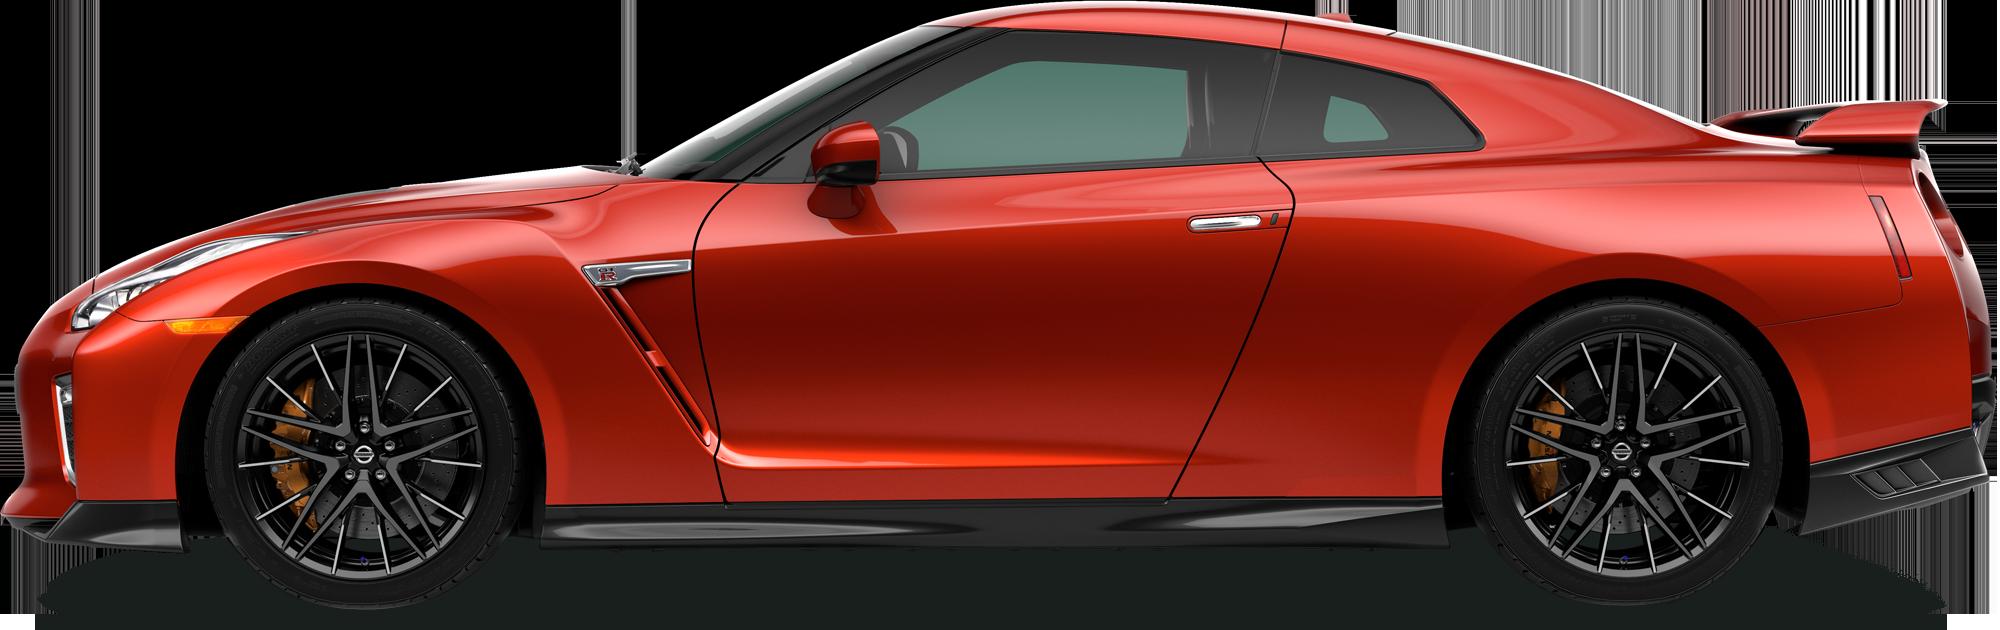 2021 Nissan GT-R Coupe Premium